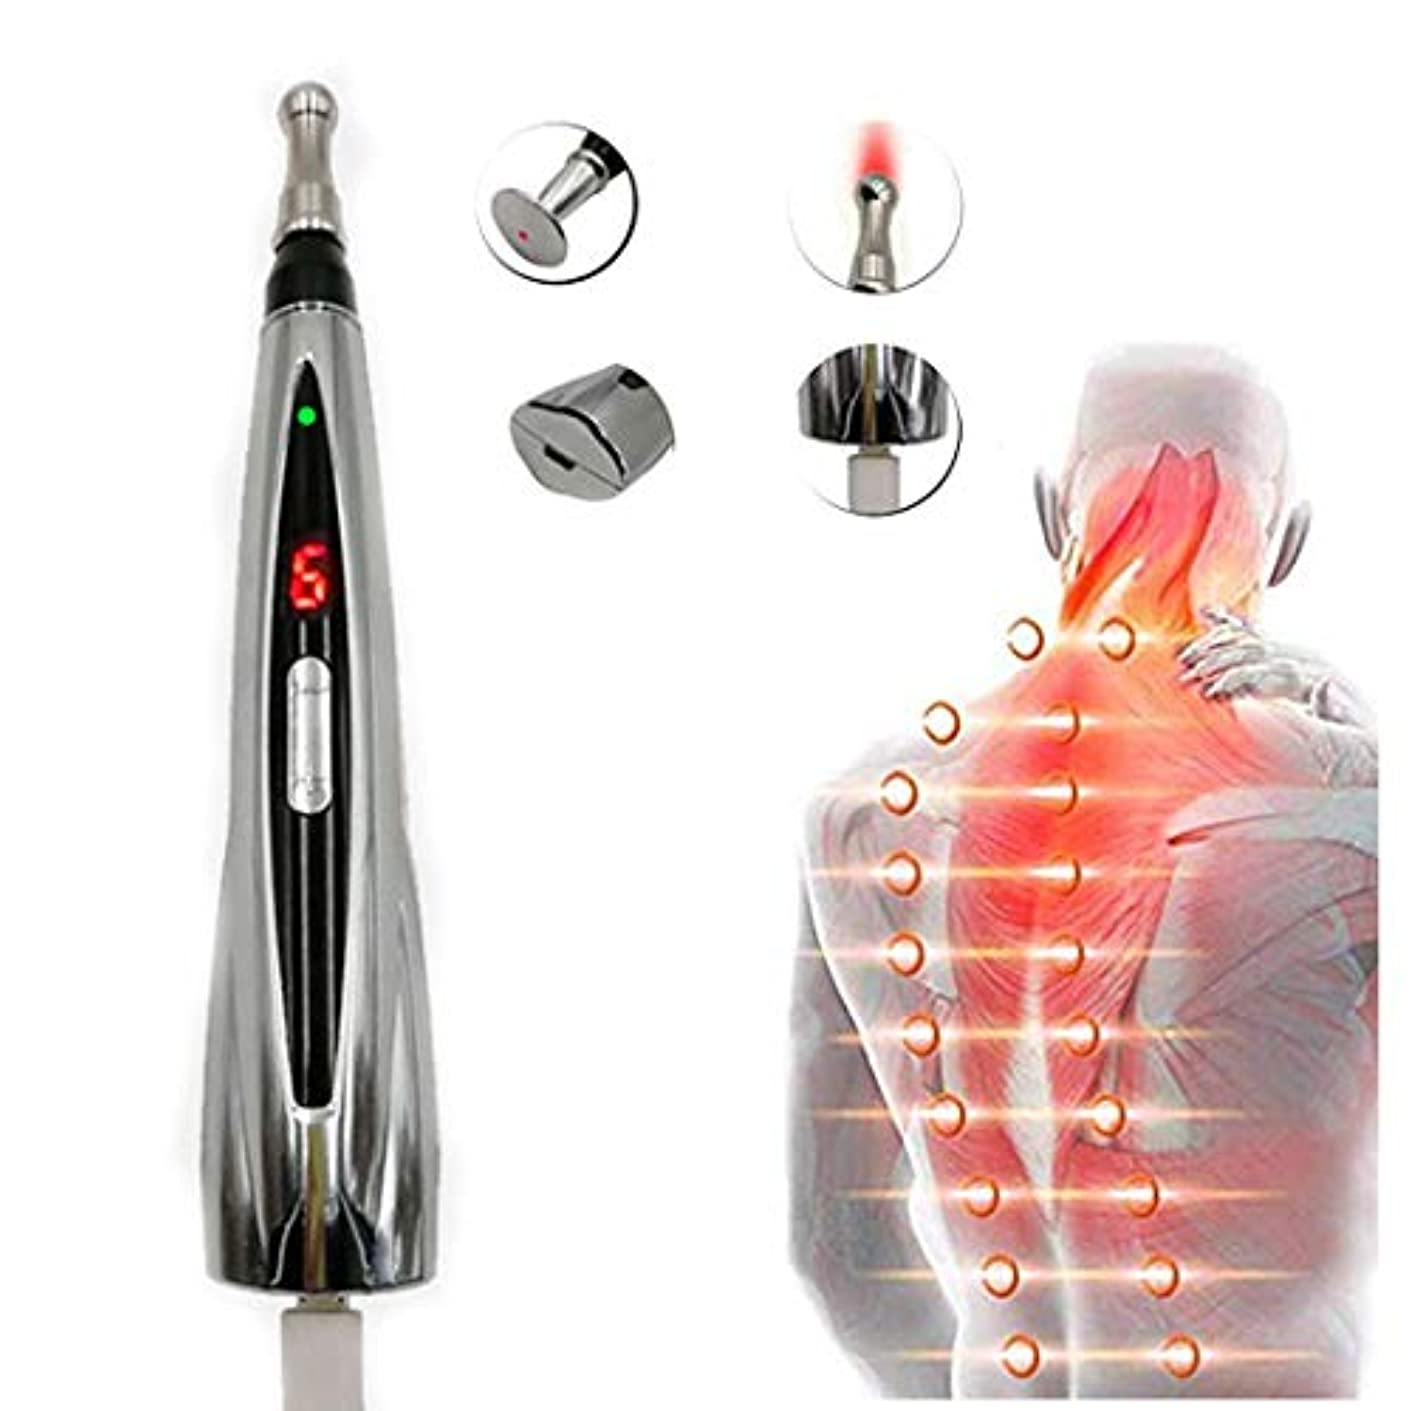 本を読む新年ルール電子鍼ペン、USB充電メリディアンペンハンドヘルドマッサージペン3種類のペン痛みストレス緩和のための電子鍼17.5cm * 3cmシルバー